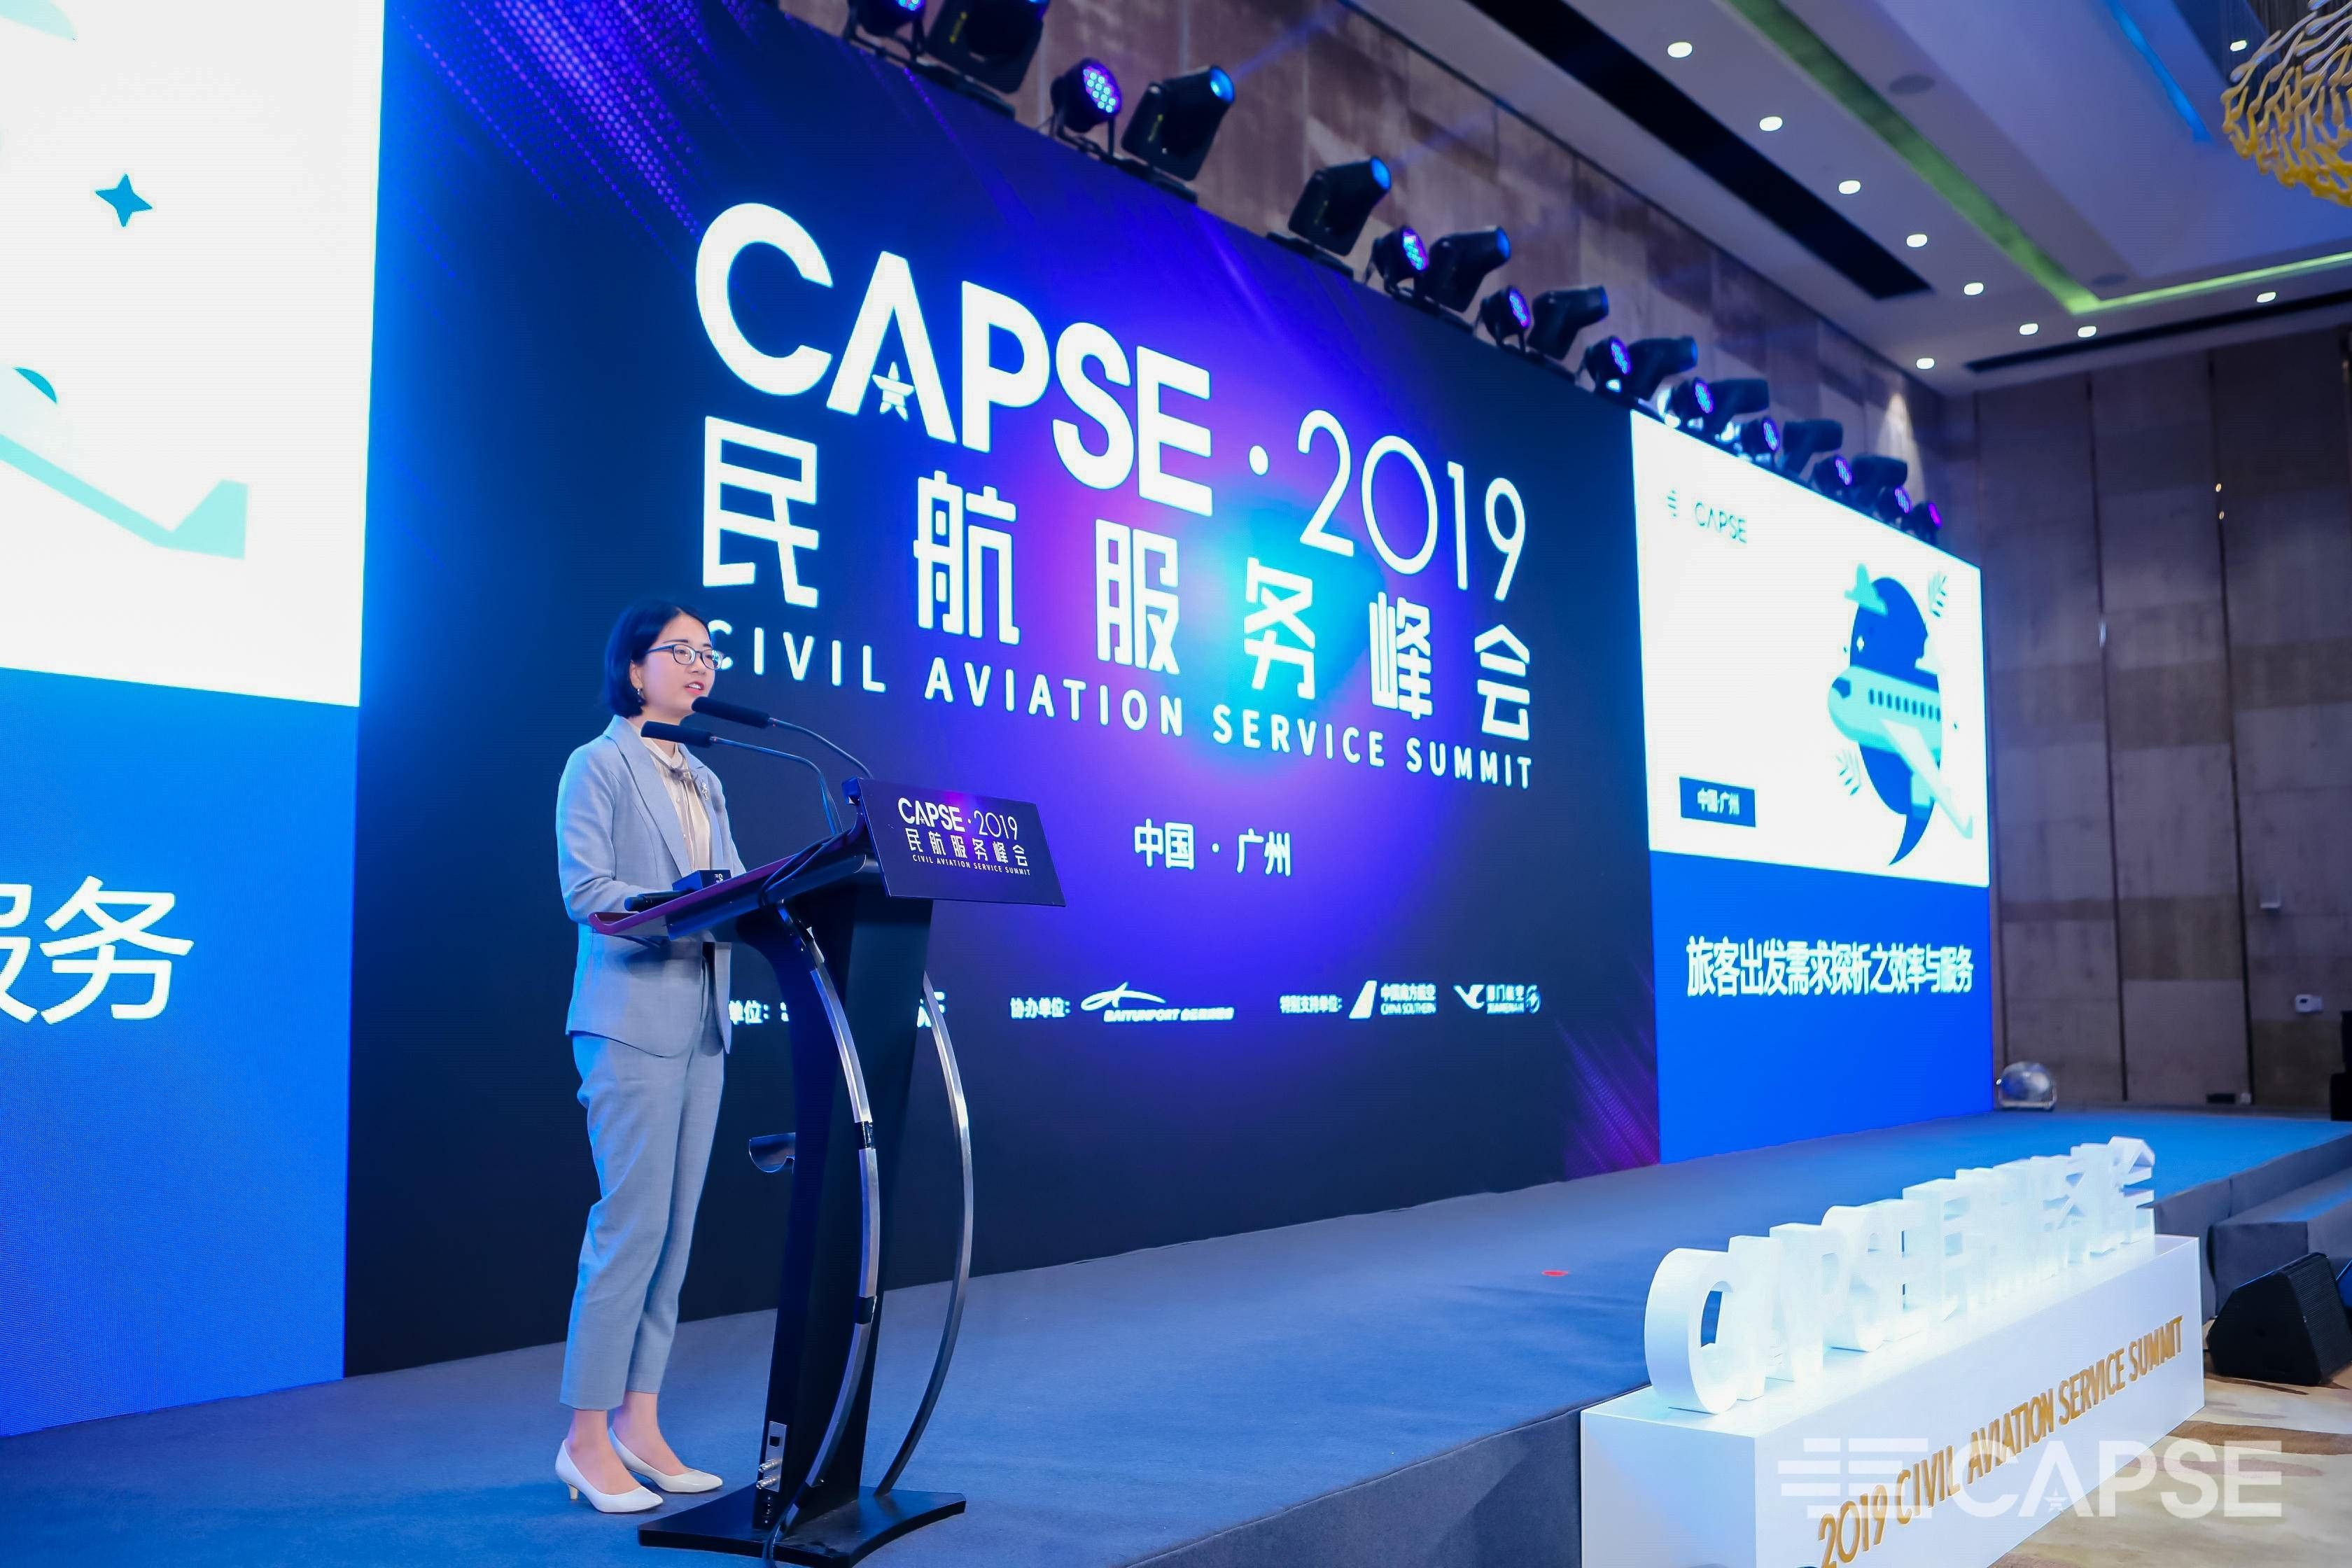 CAPSE民航服务峰会 旅客出发需求探析之效率与服务